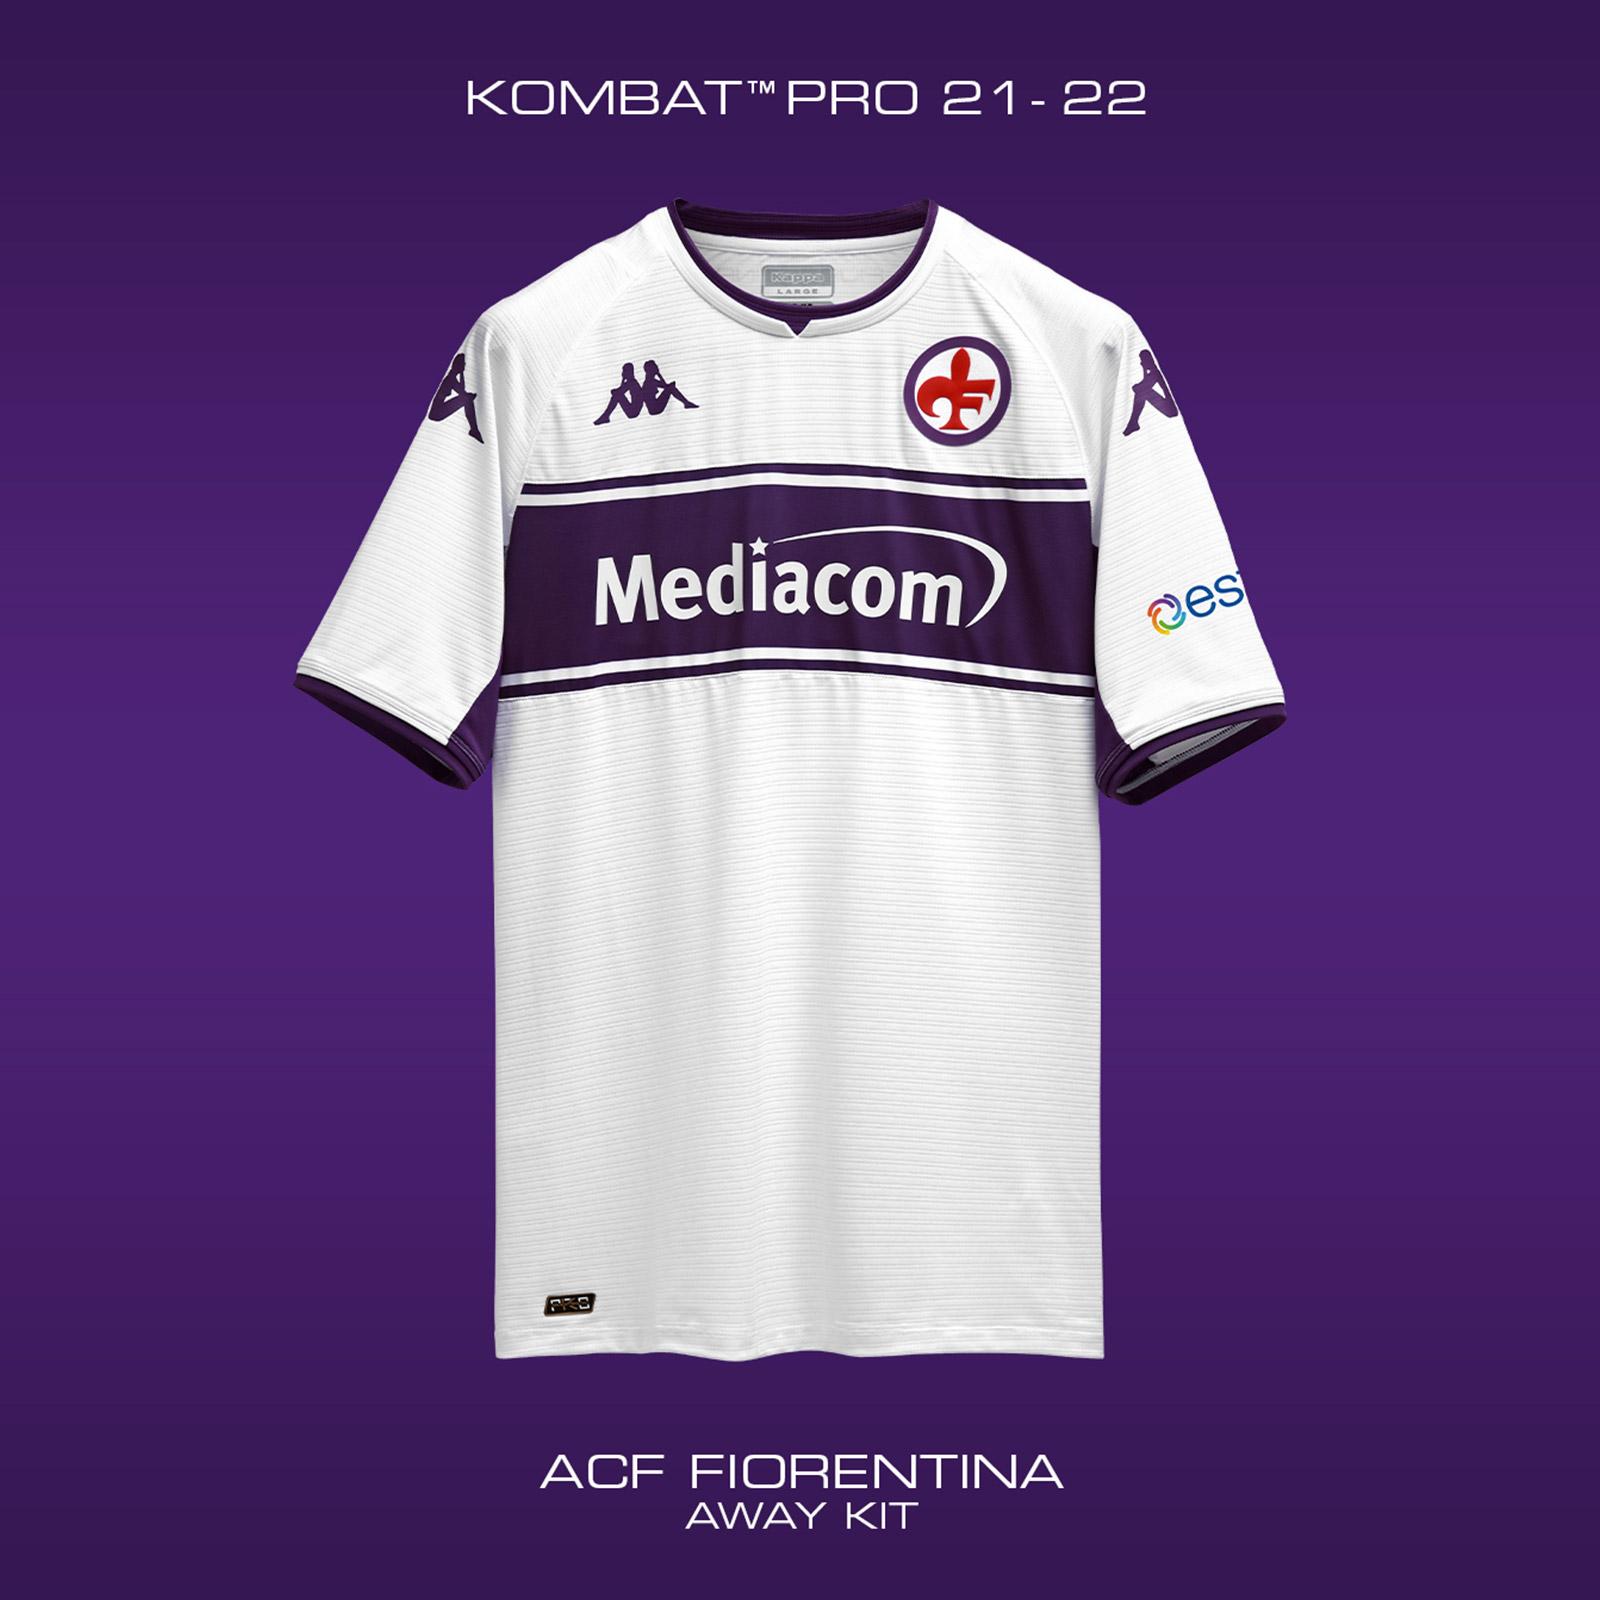 fiorentina_2021_2022_kappa_kits_d.jpeg